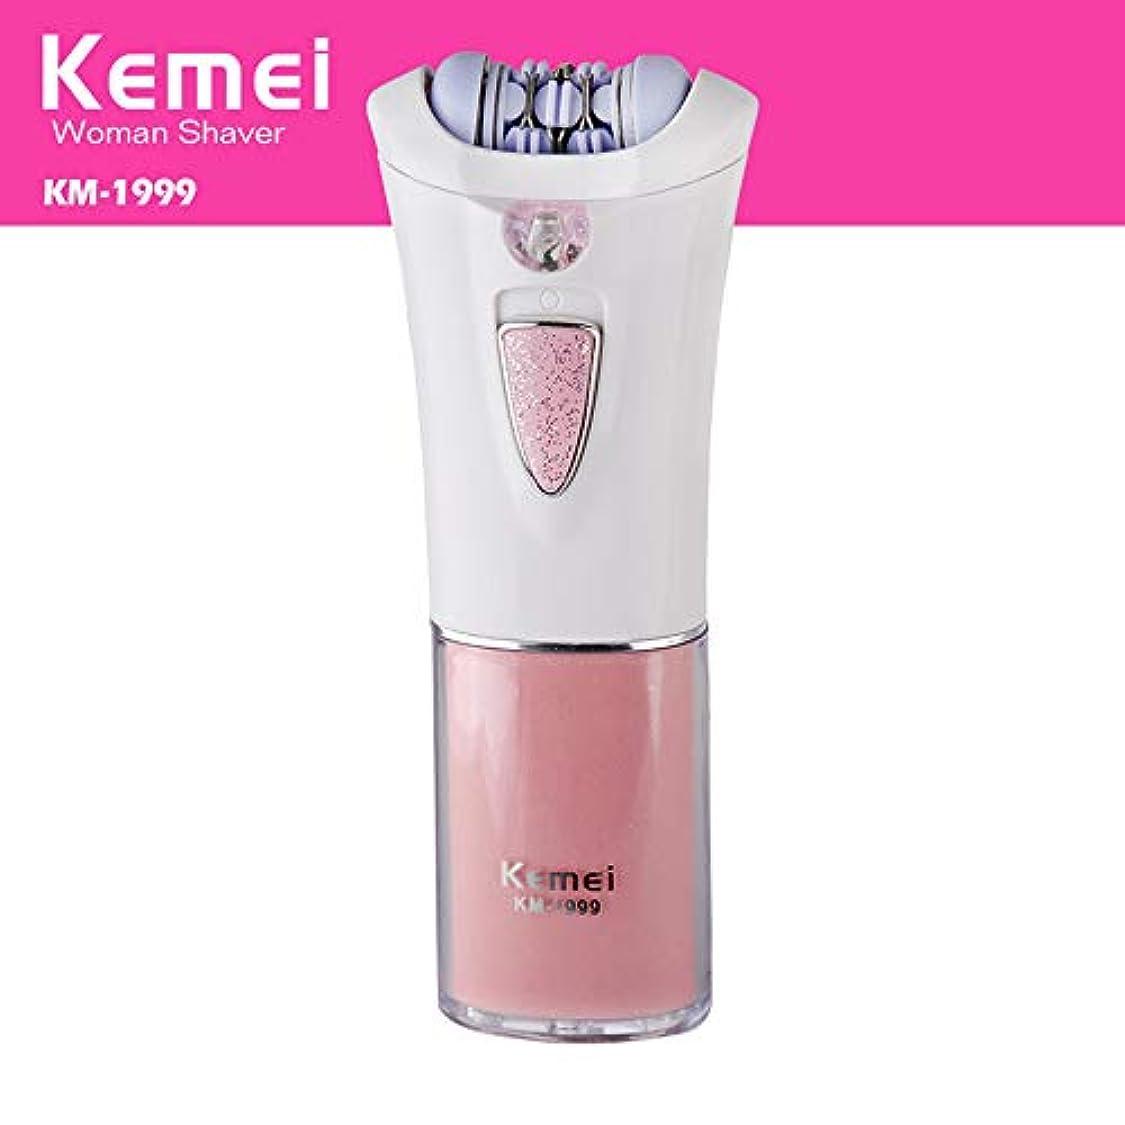 ベース放散する植木Kemei km-1999女性脱毛器電気脱毛女性Bは、足、顔、脇の下、ビキニラインの敏感さを解消します